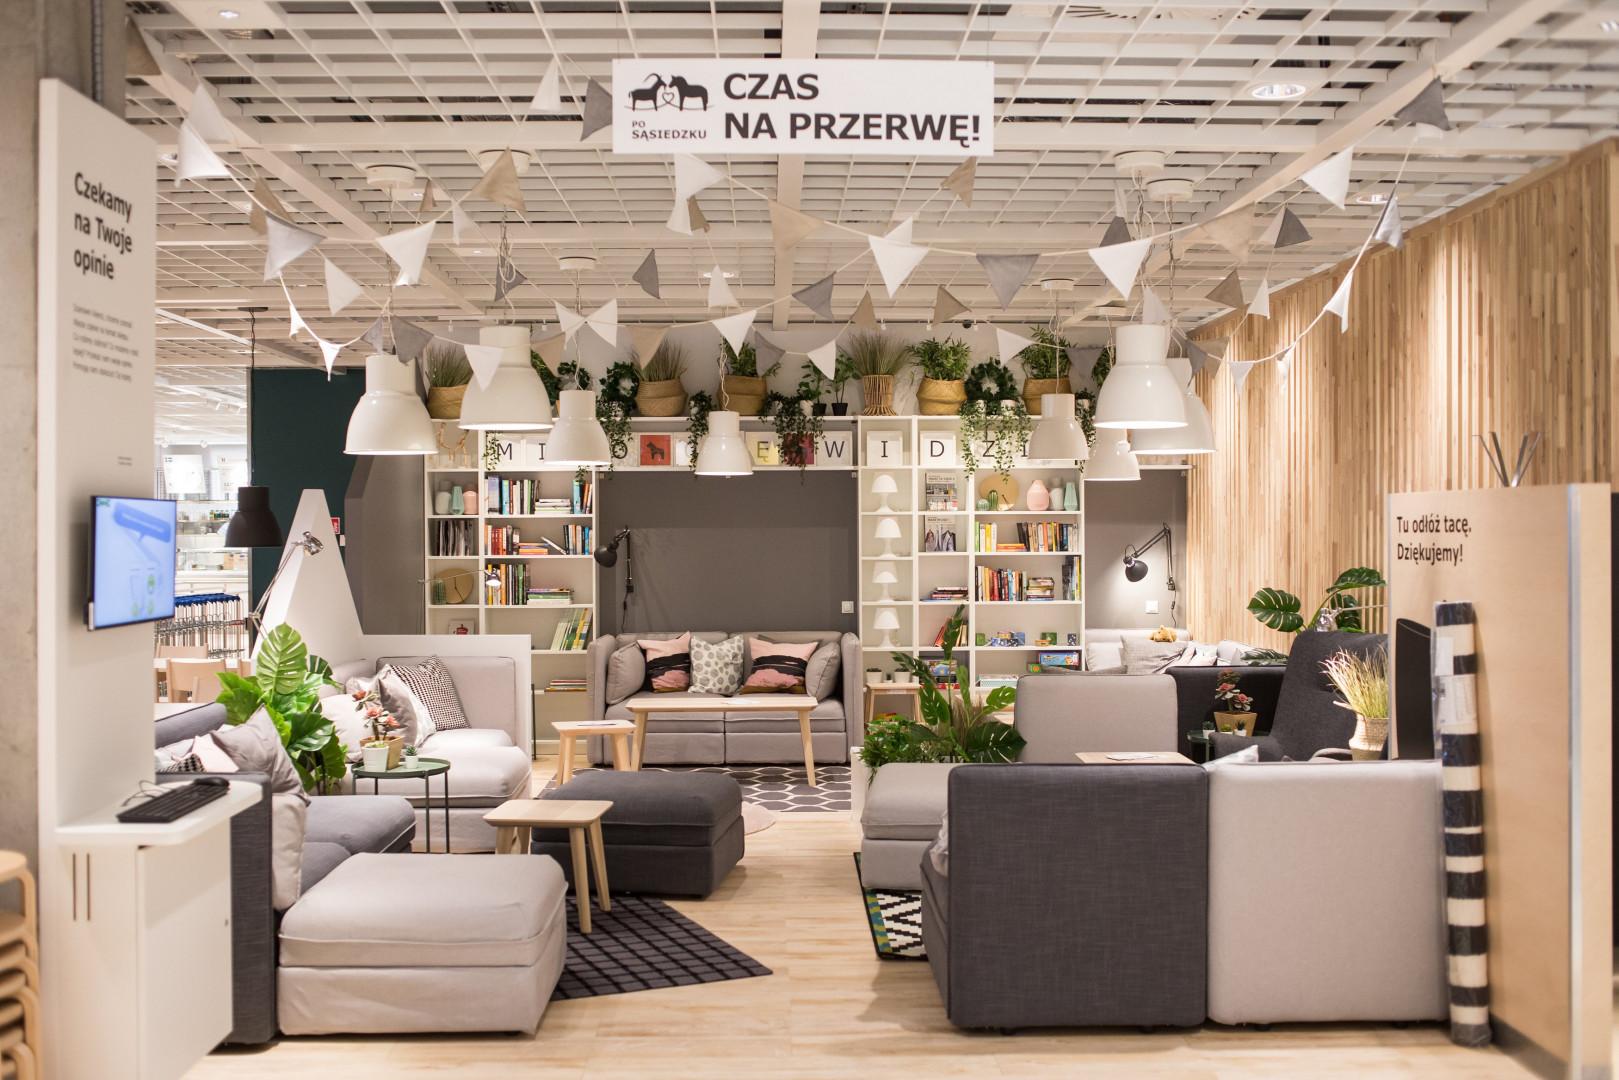 Strefa Czas Na Przerwę w lubelskim sklepie IKEA. Fot. IKEA